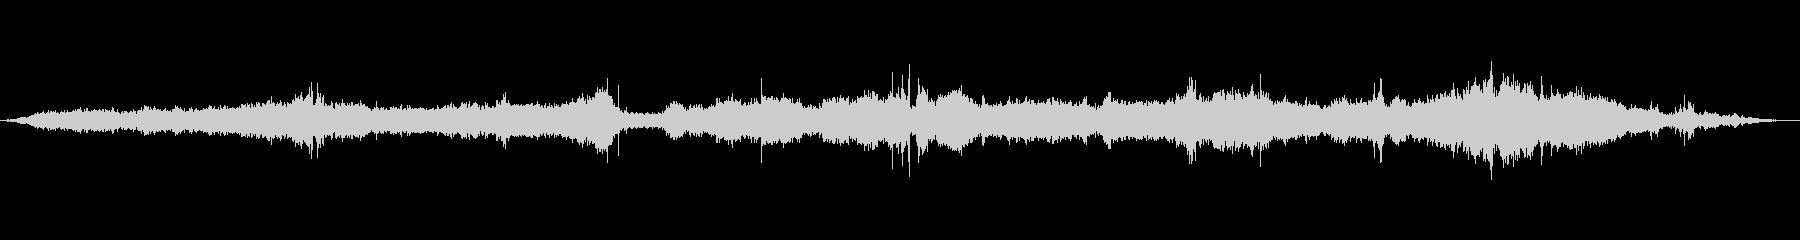 フレームドラムMtlスクレイプ1の未再生の波形